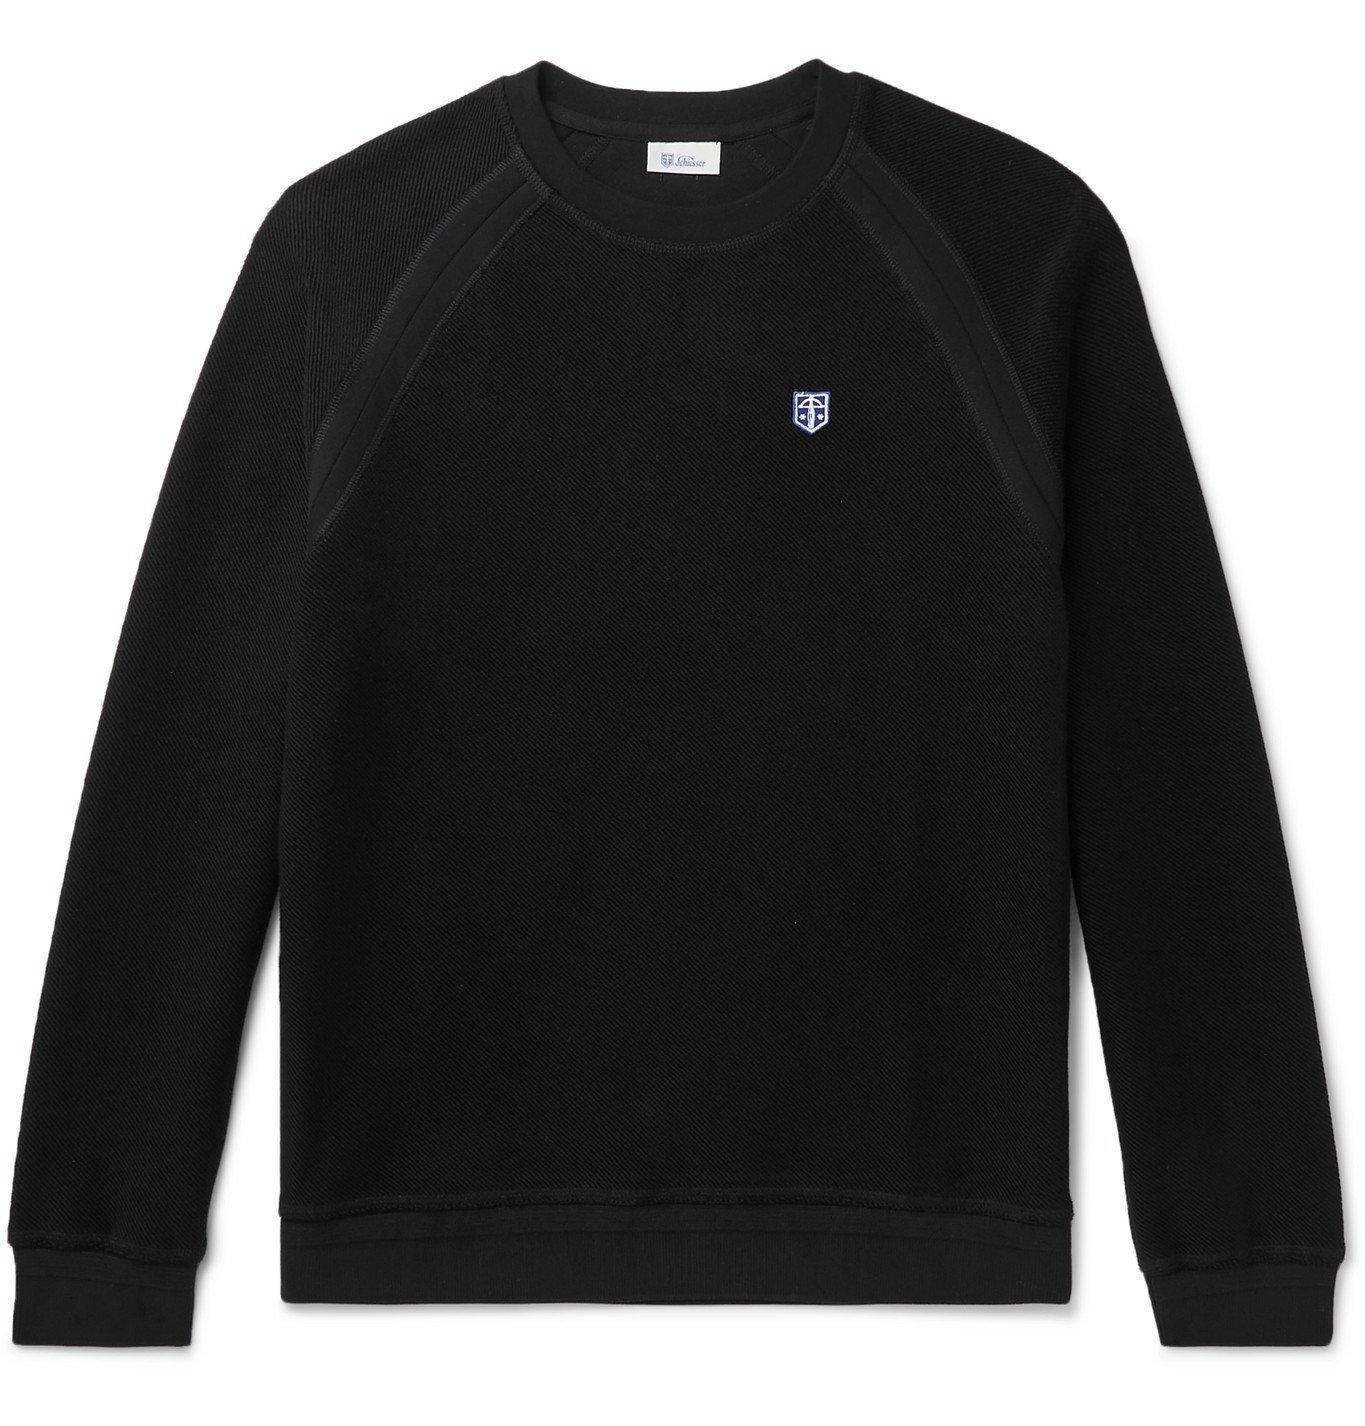 Schiesser - Frank Slim-Fit Cotton-Jersey Sweatshirt - Black